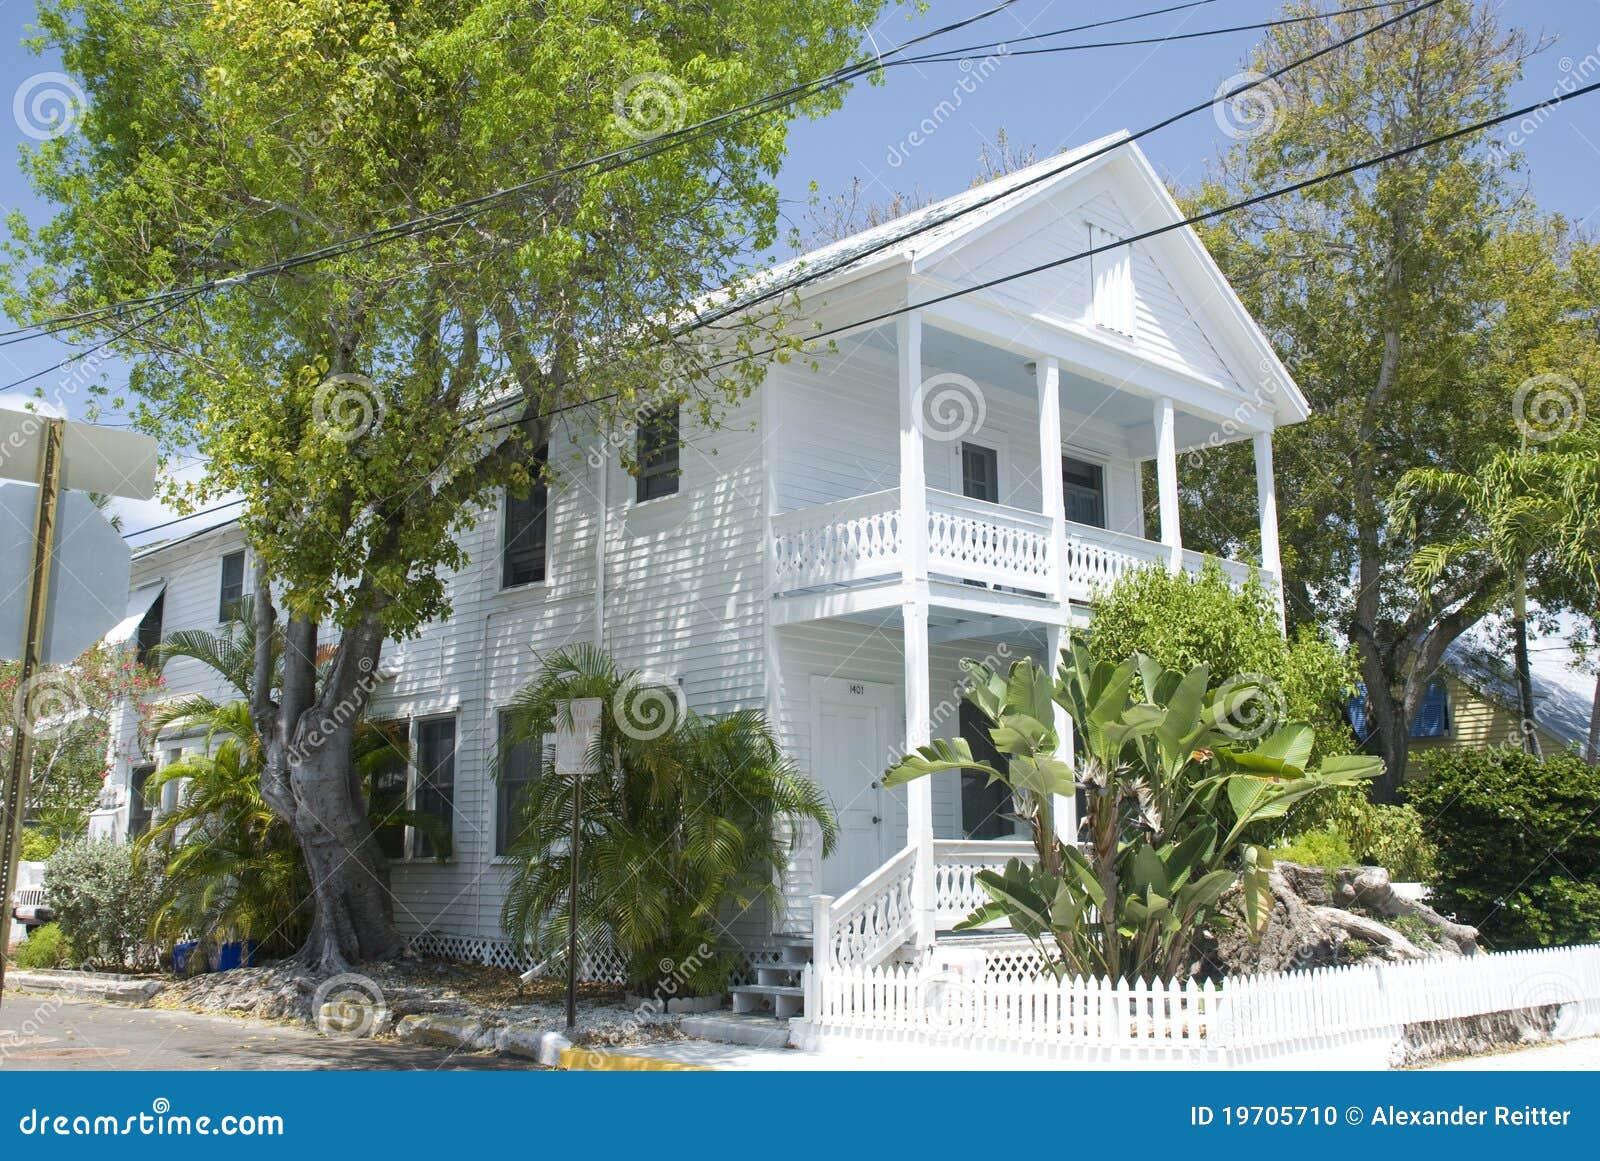 Key West House Stock Photo Image 19705710